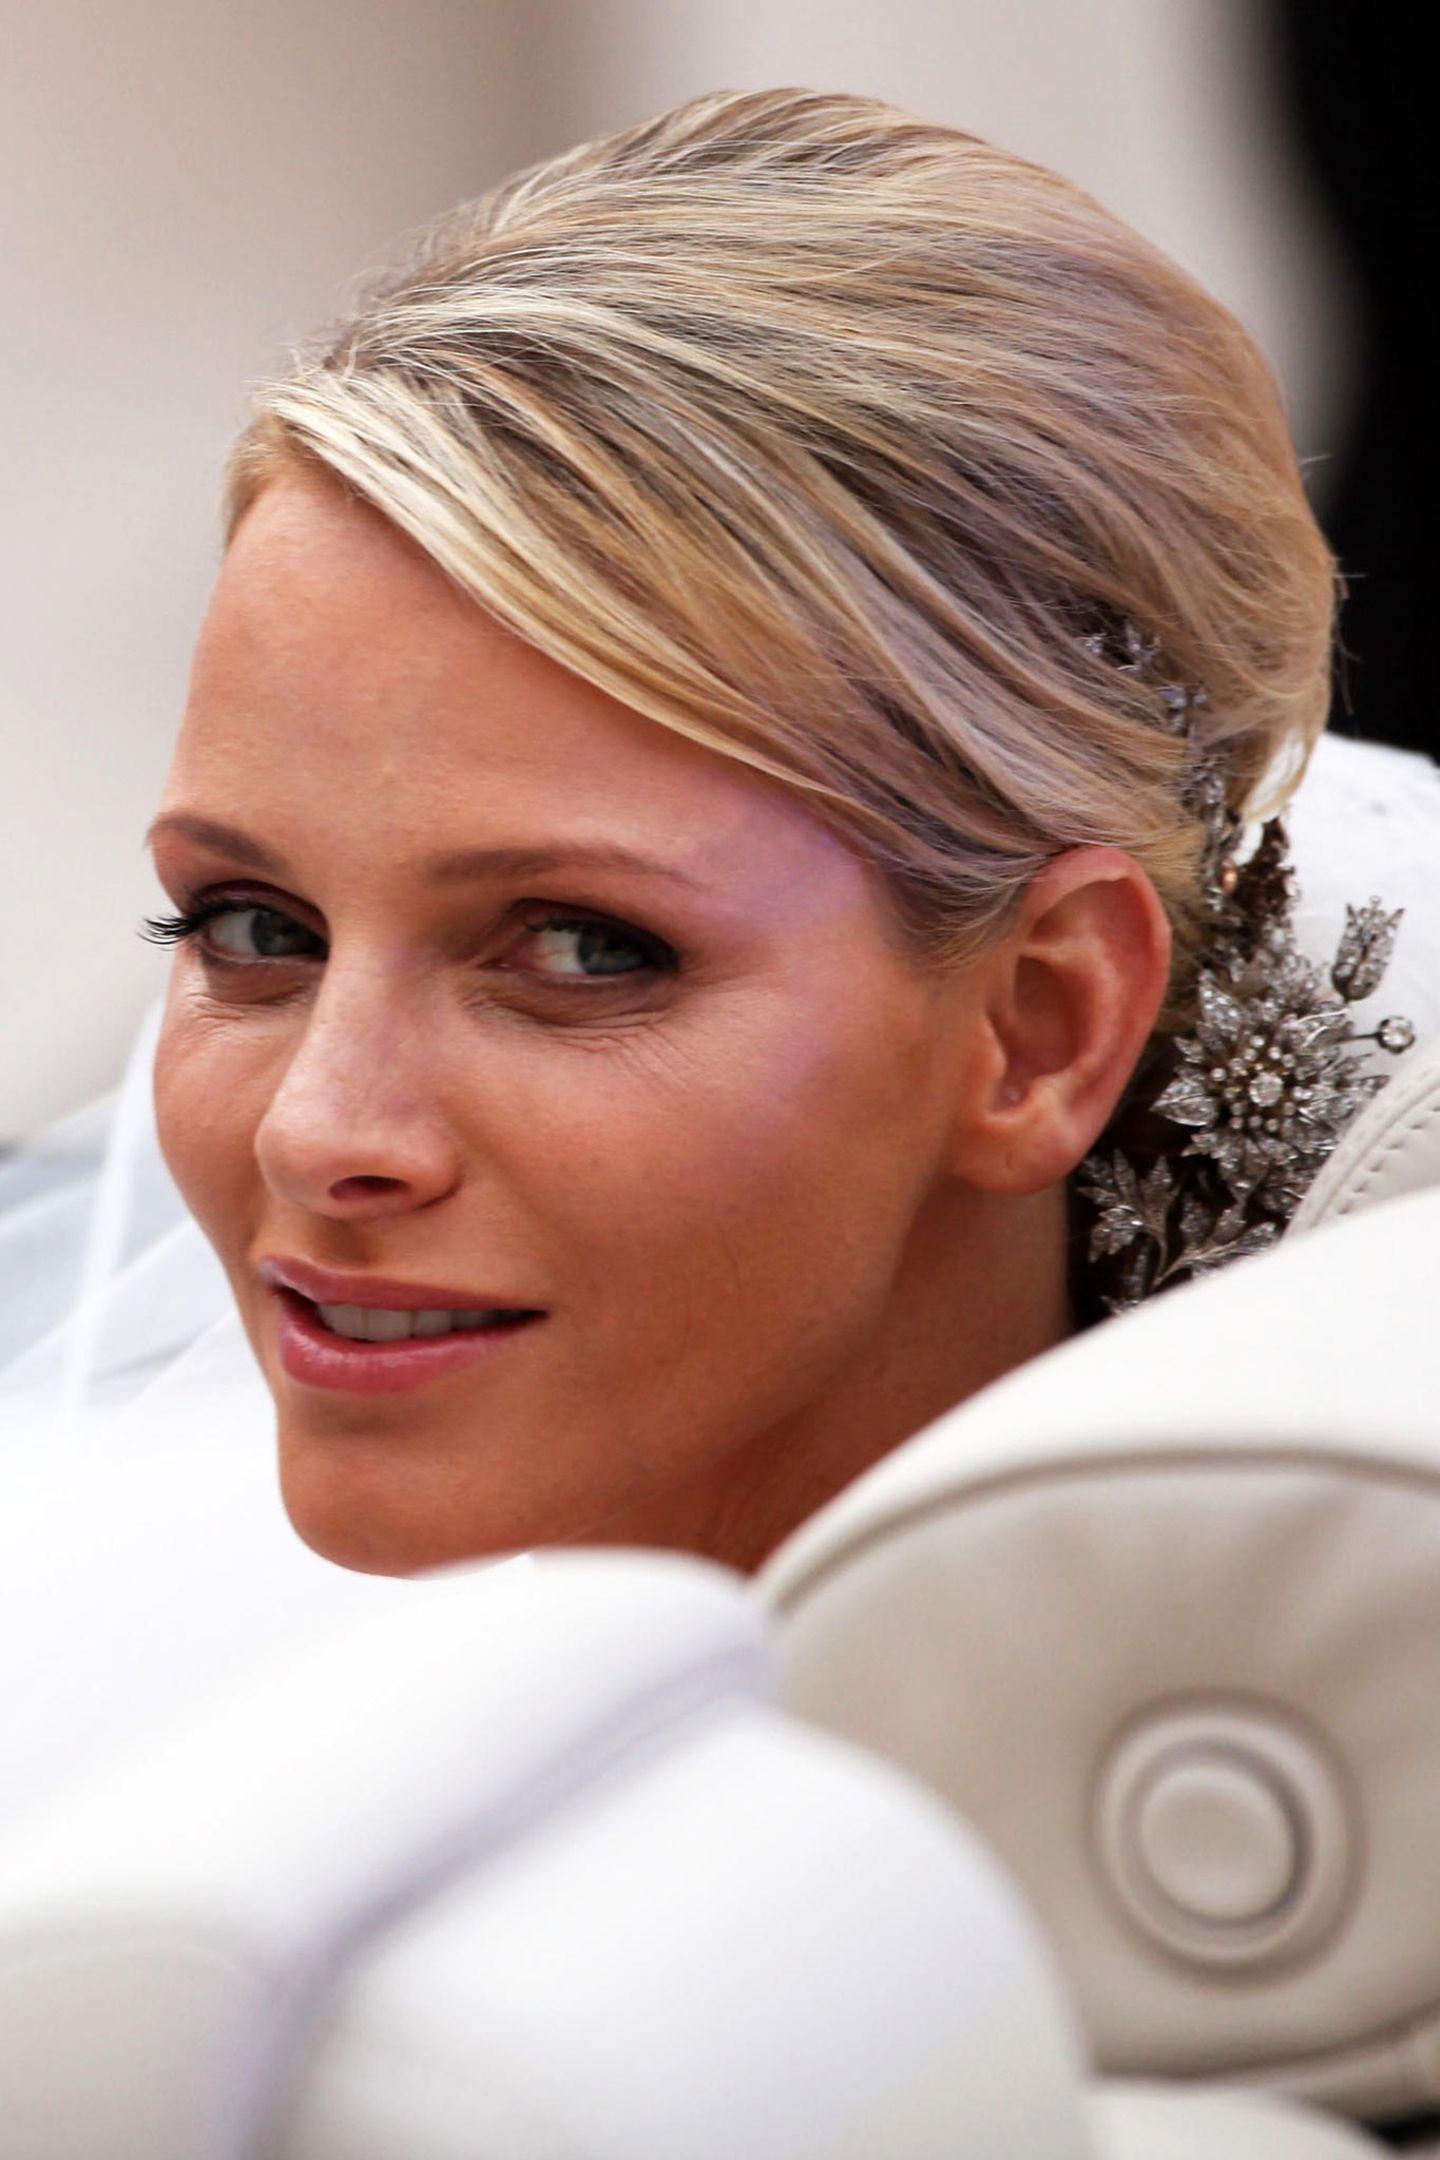 2011  Da ist sie, die schöne Braut! Für ihre kirchliche Hochzeit am 2. Juli wählte Charlène ein ganz natürliches, dezentes Make-up.